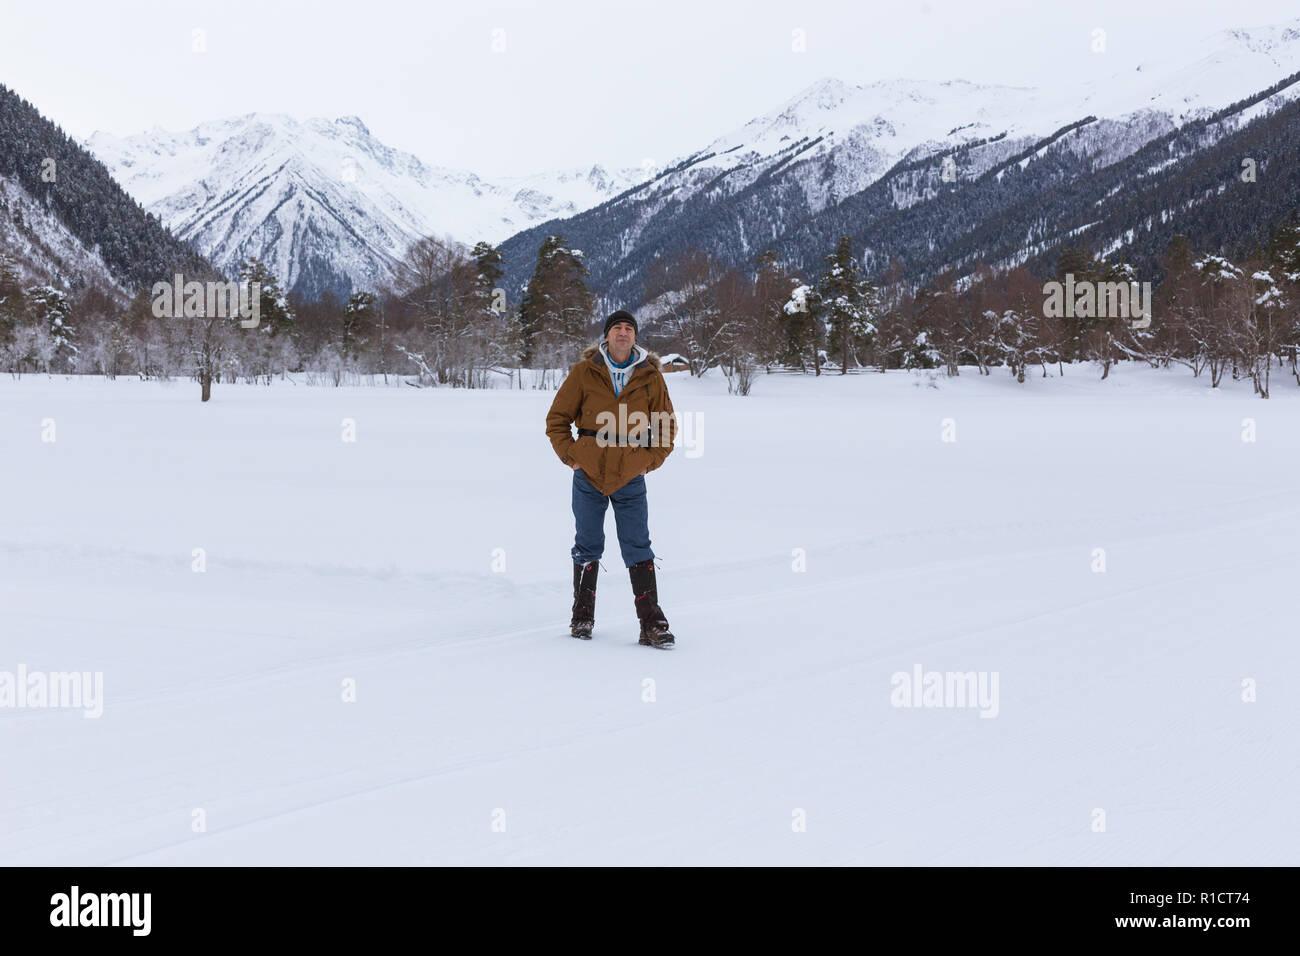 Uomo Gioisce Positivo Nella Neve Sullo Sfondo Di Paesaggi Di Montagna Stile Di Vita Avventura Il Concetto Di Viaggio Salute E Benessere Foto Stock Alamy